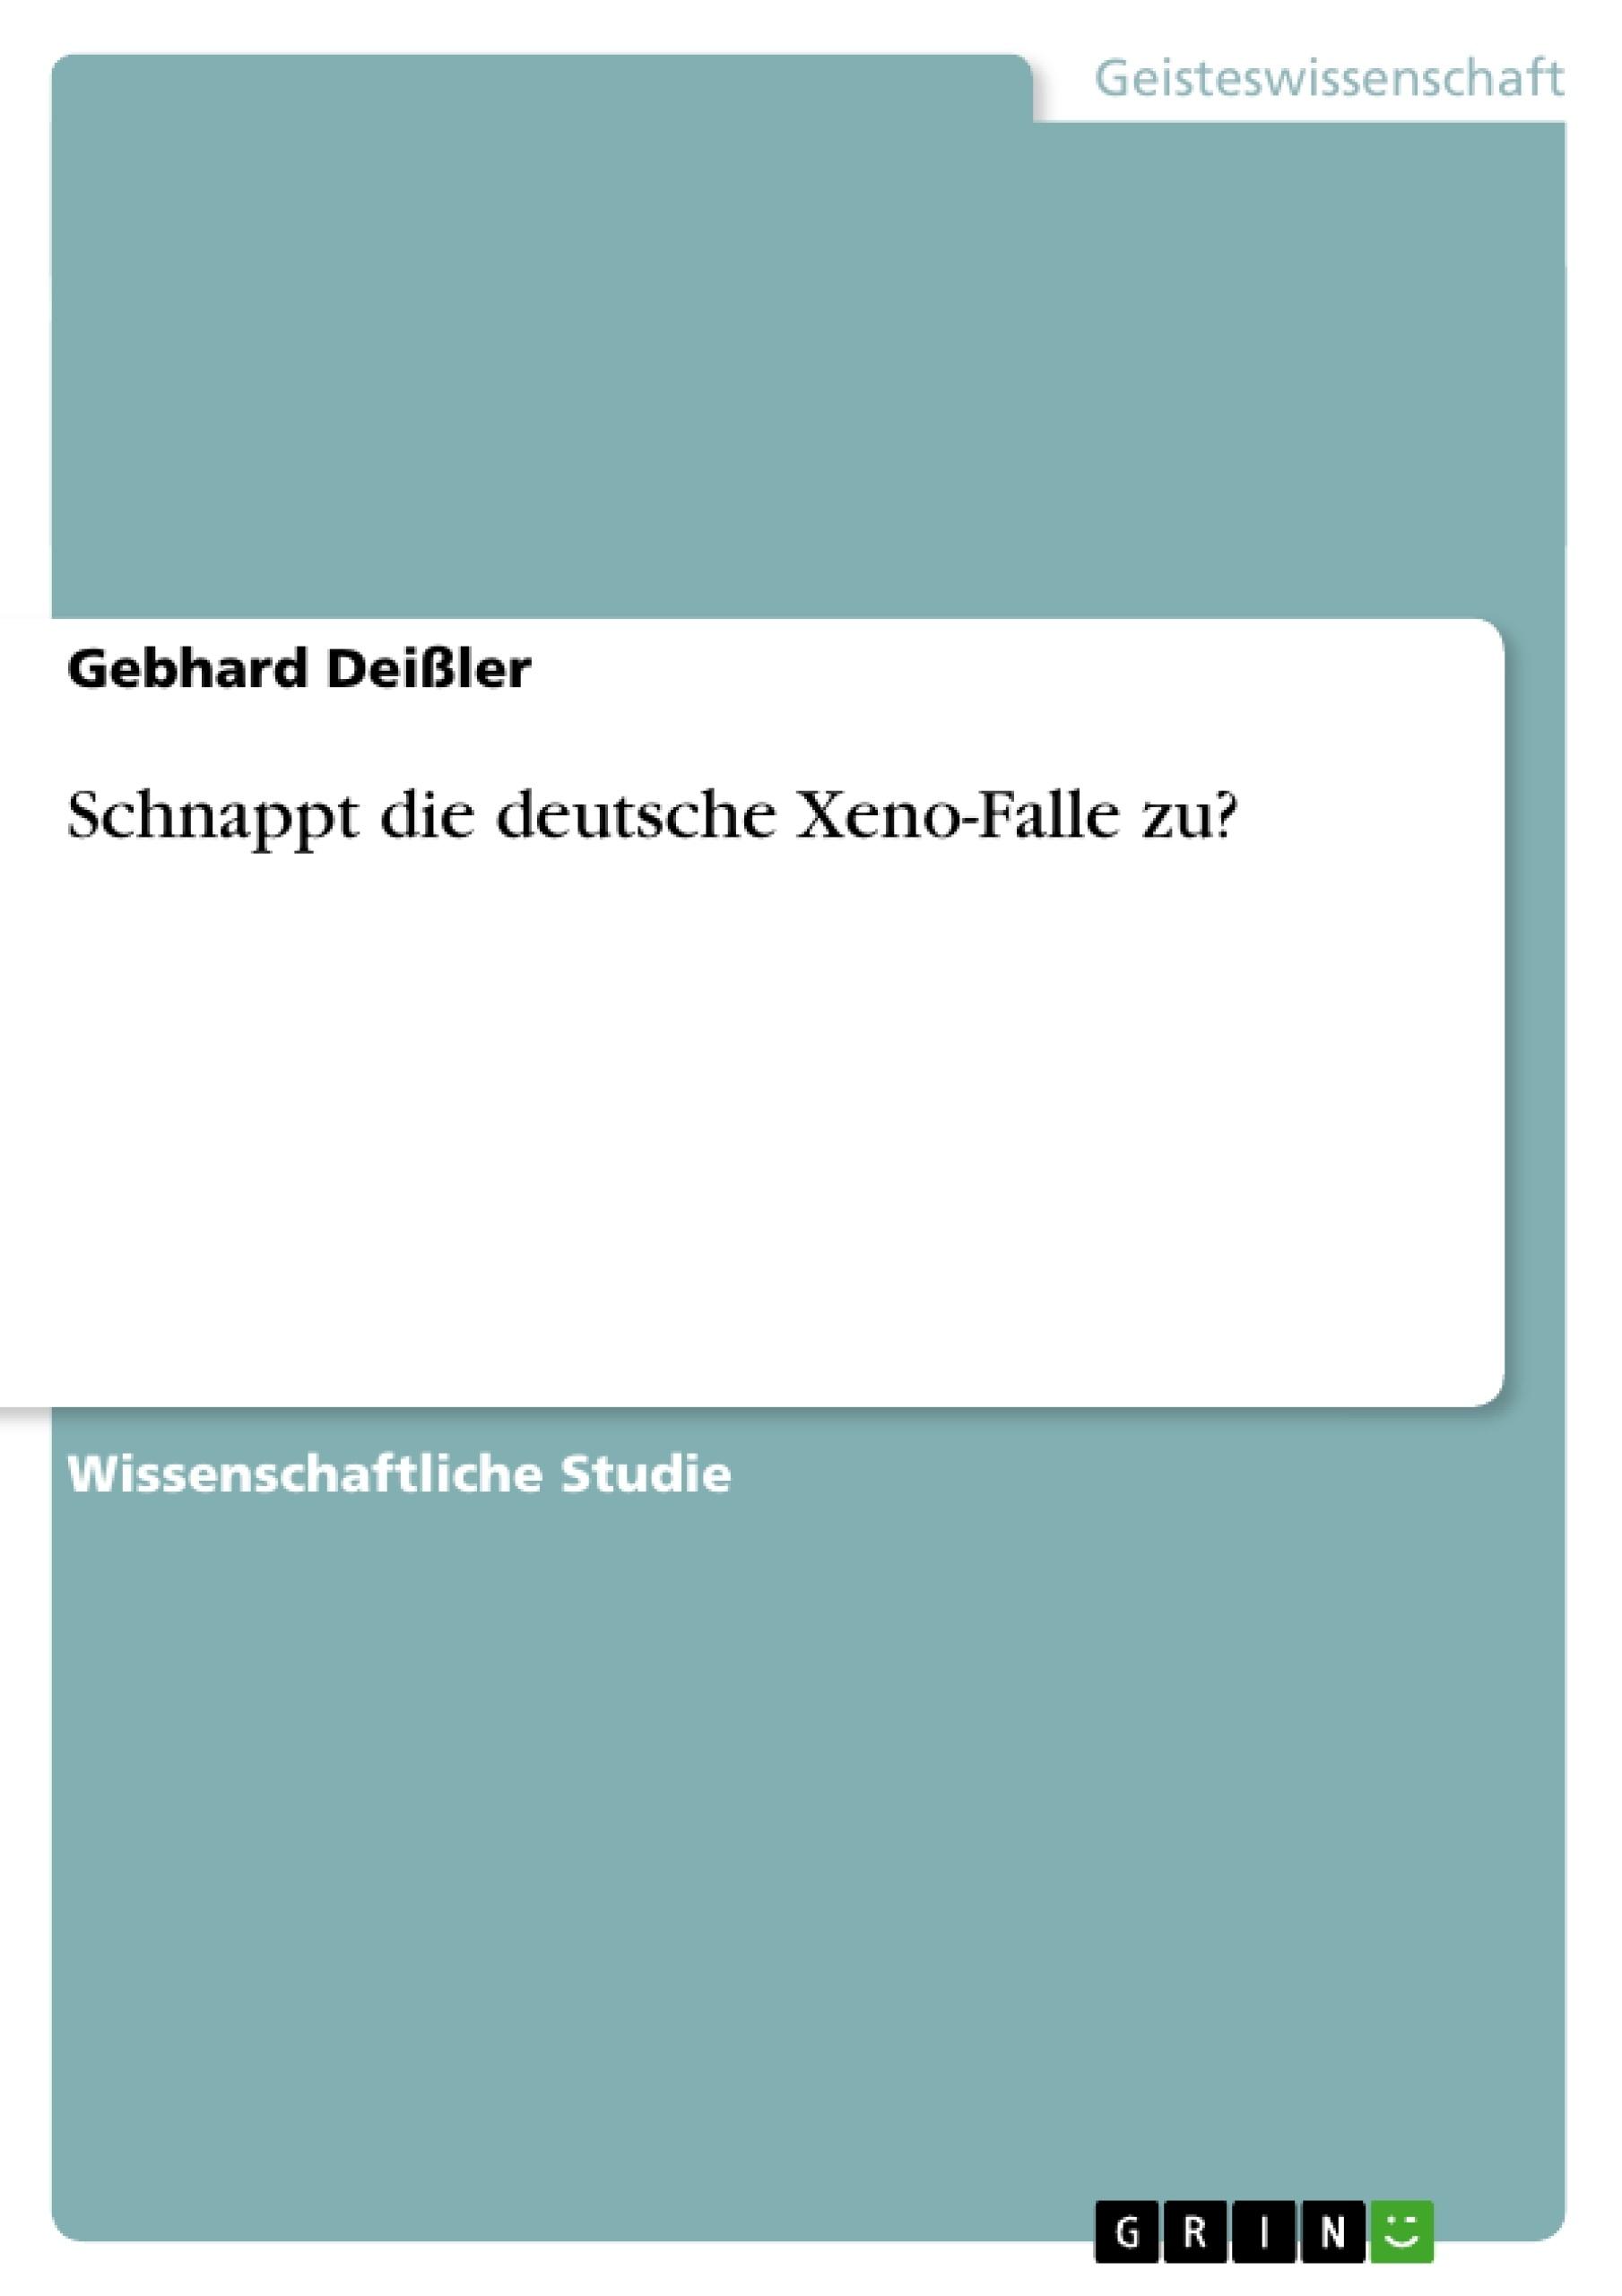 Titel: Schnappt die deutsche Xeno-Falle zu?